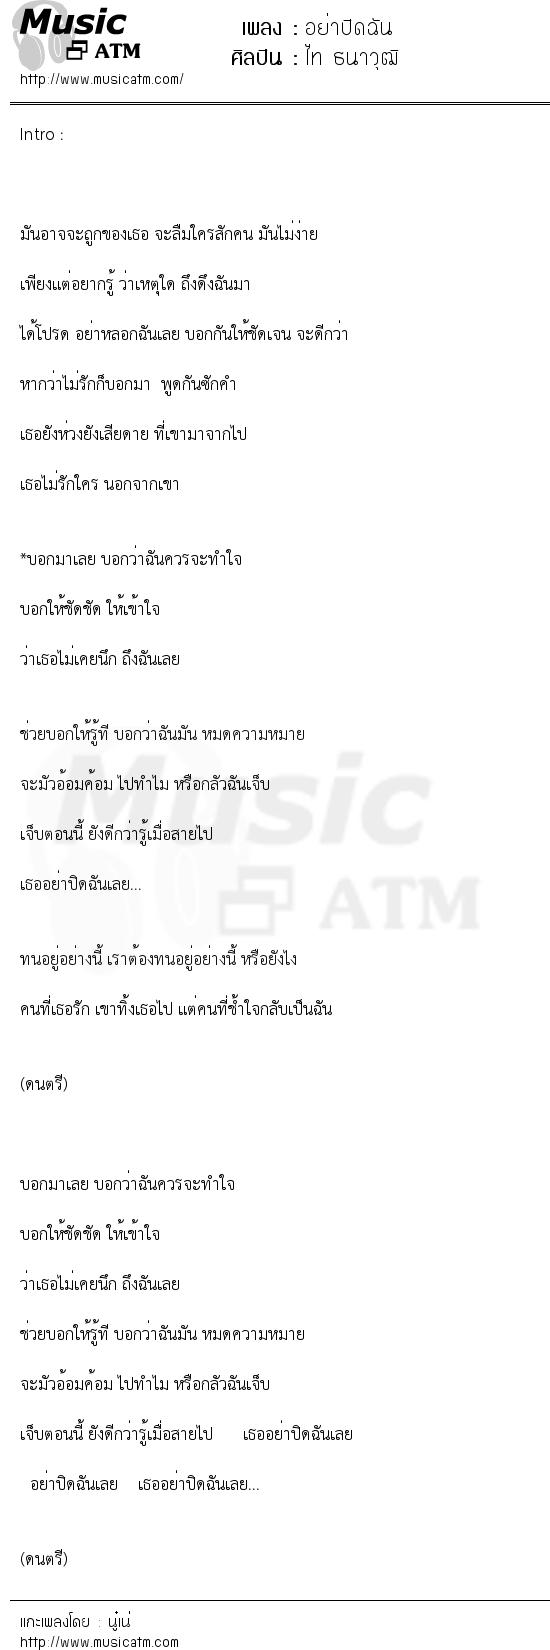 อย่าปิดฉัน | เพลงไทย